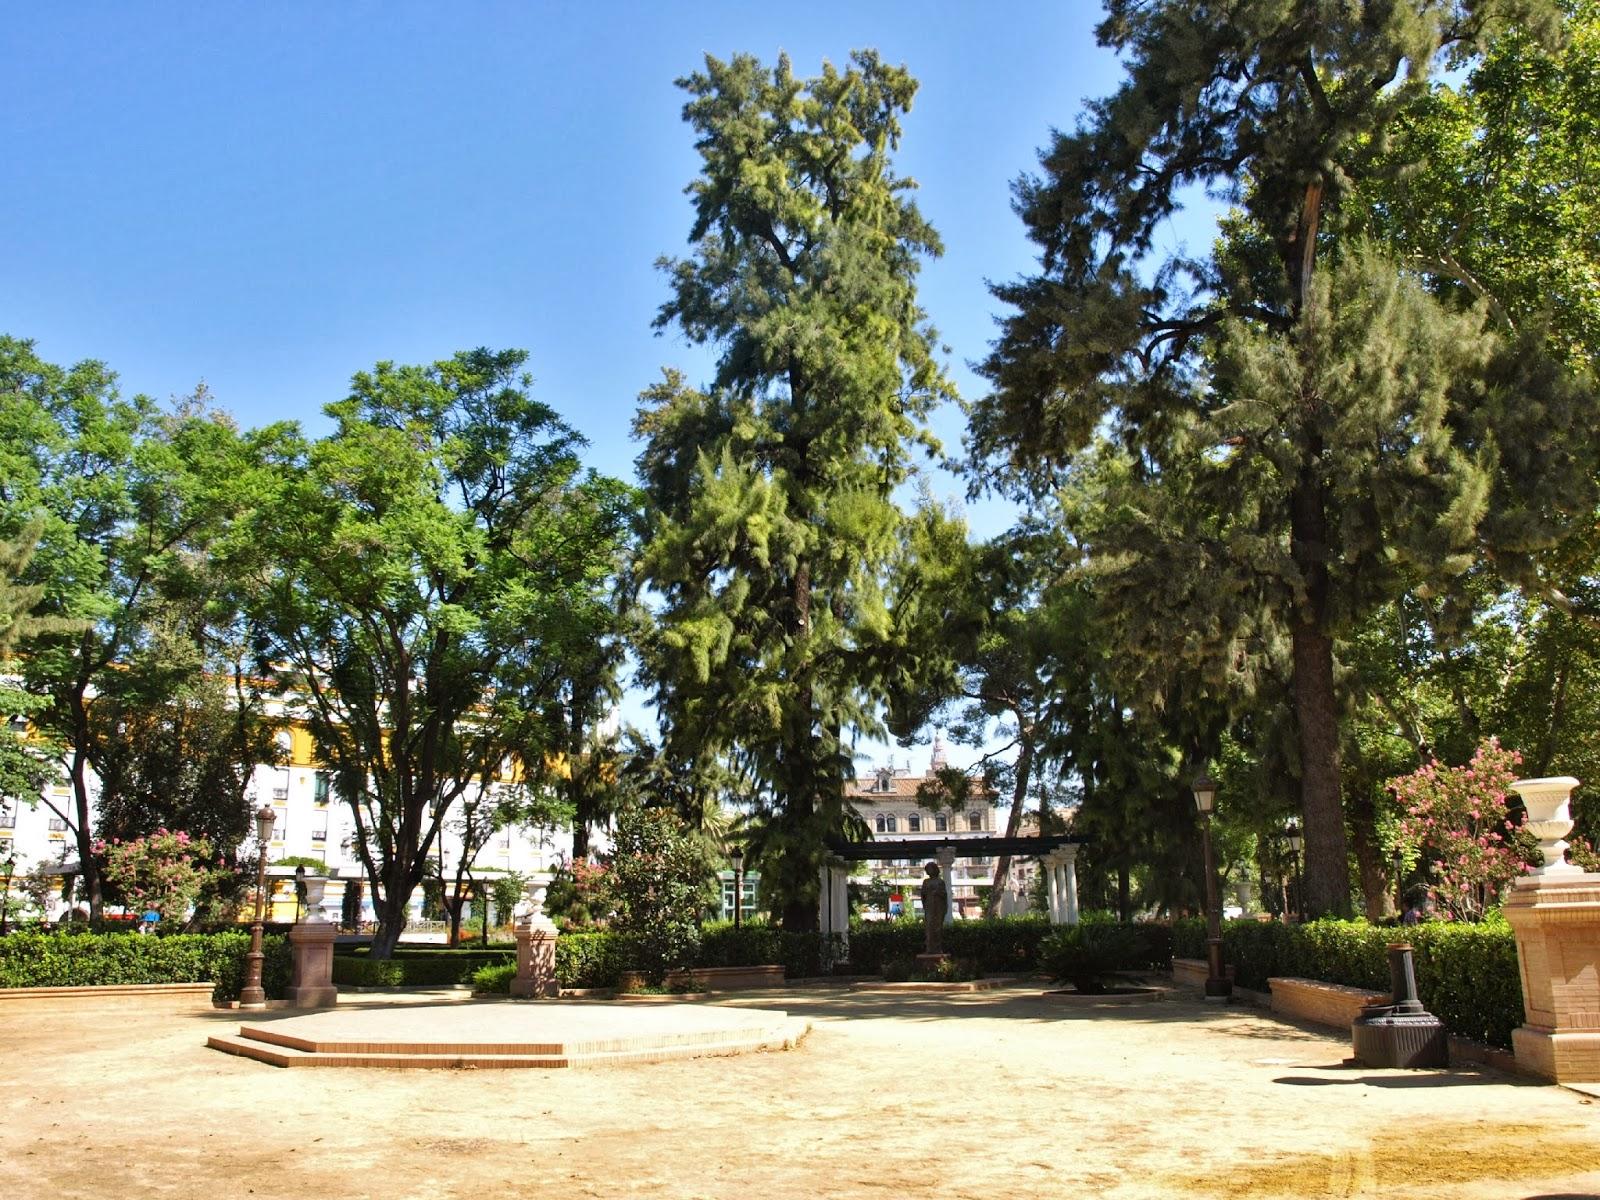 Sevilla daily photo los jardines de la reina cristina 6 for Letras gijon jardines de la reina